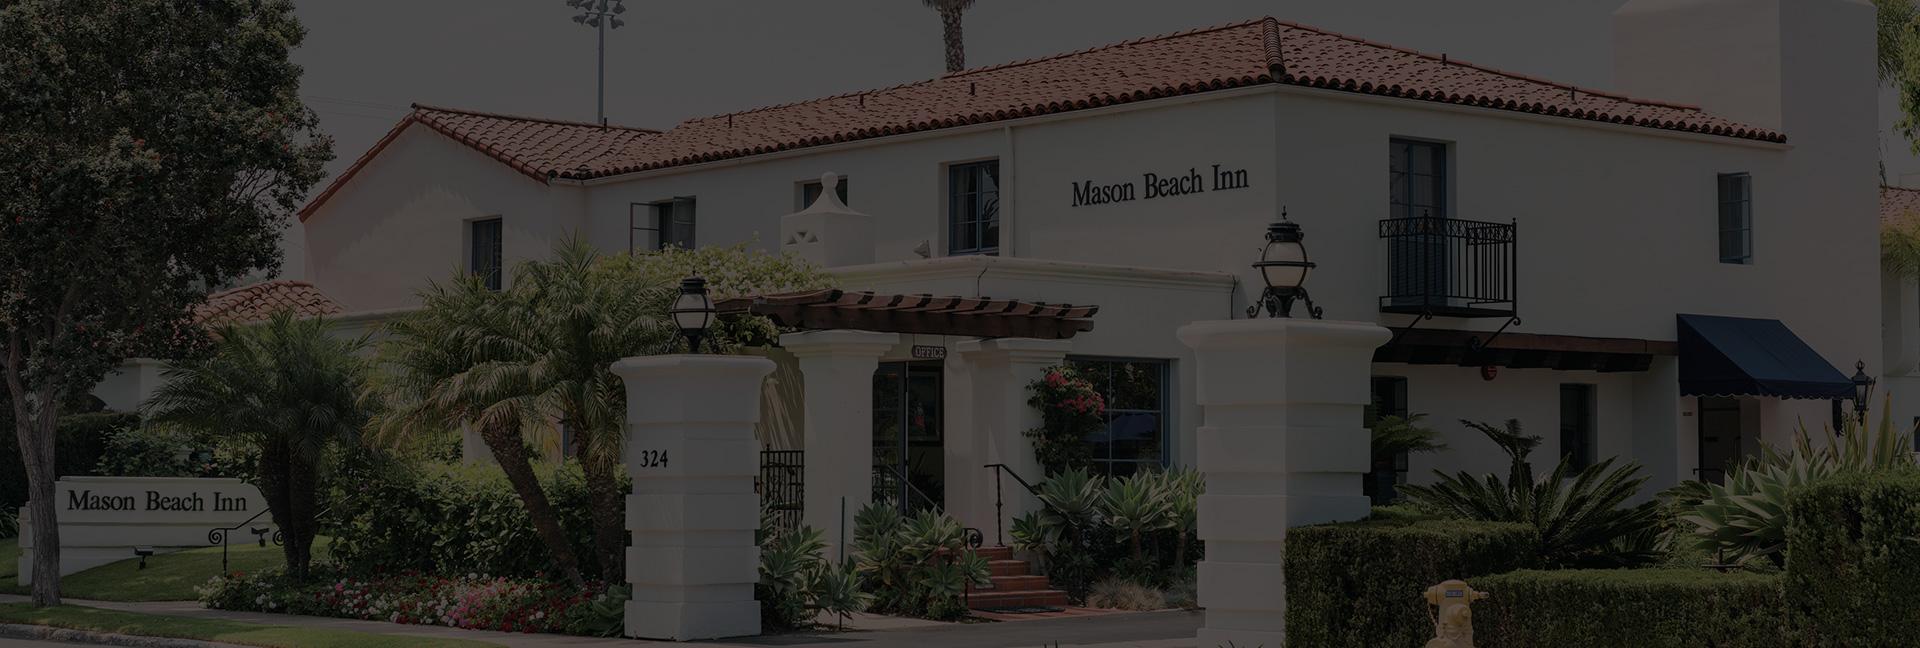 Mason Beach Inn exterior